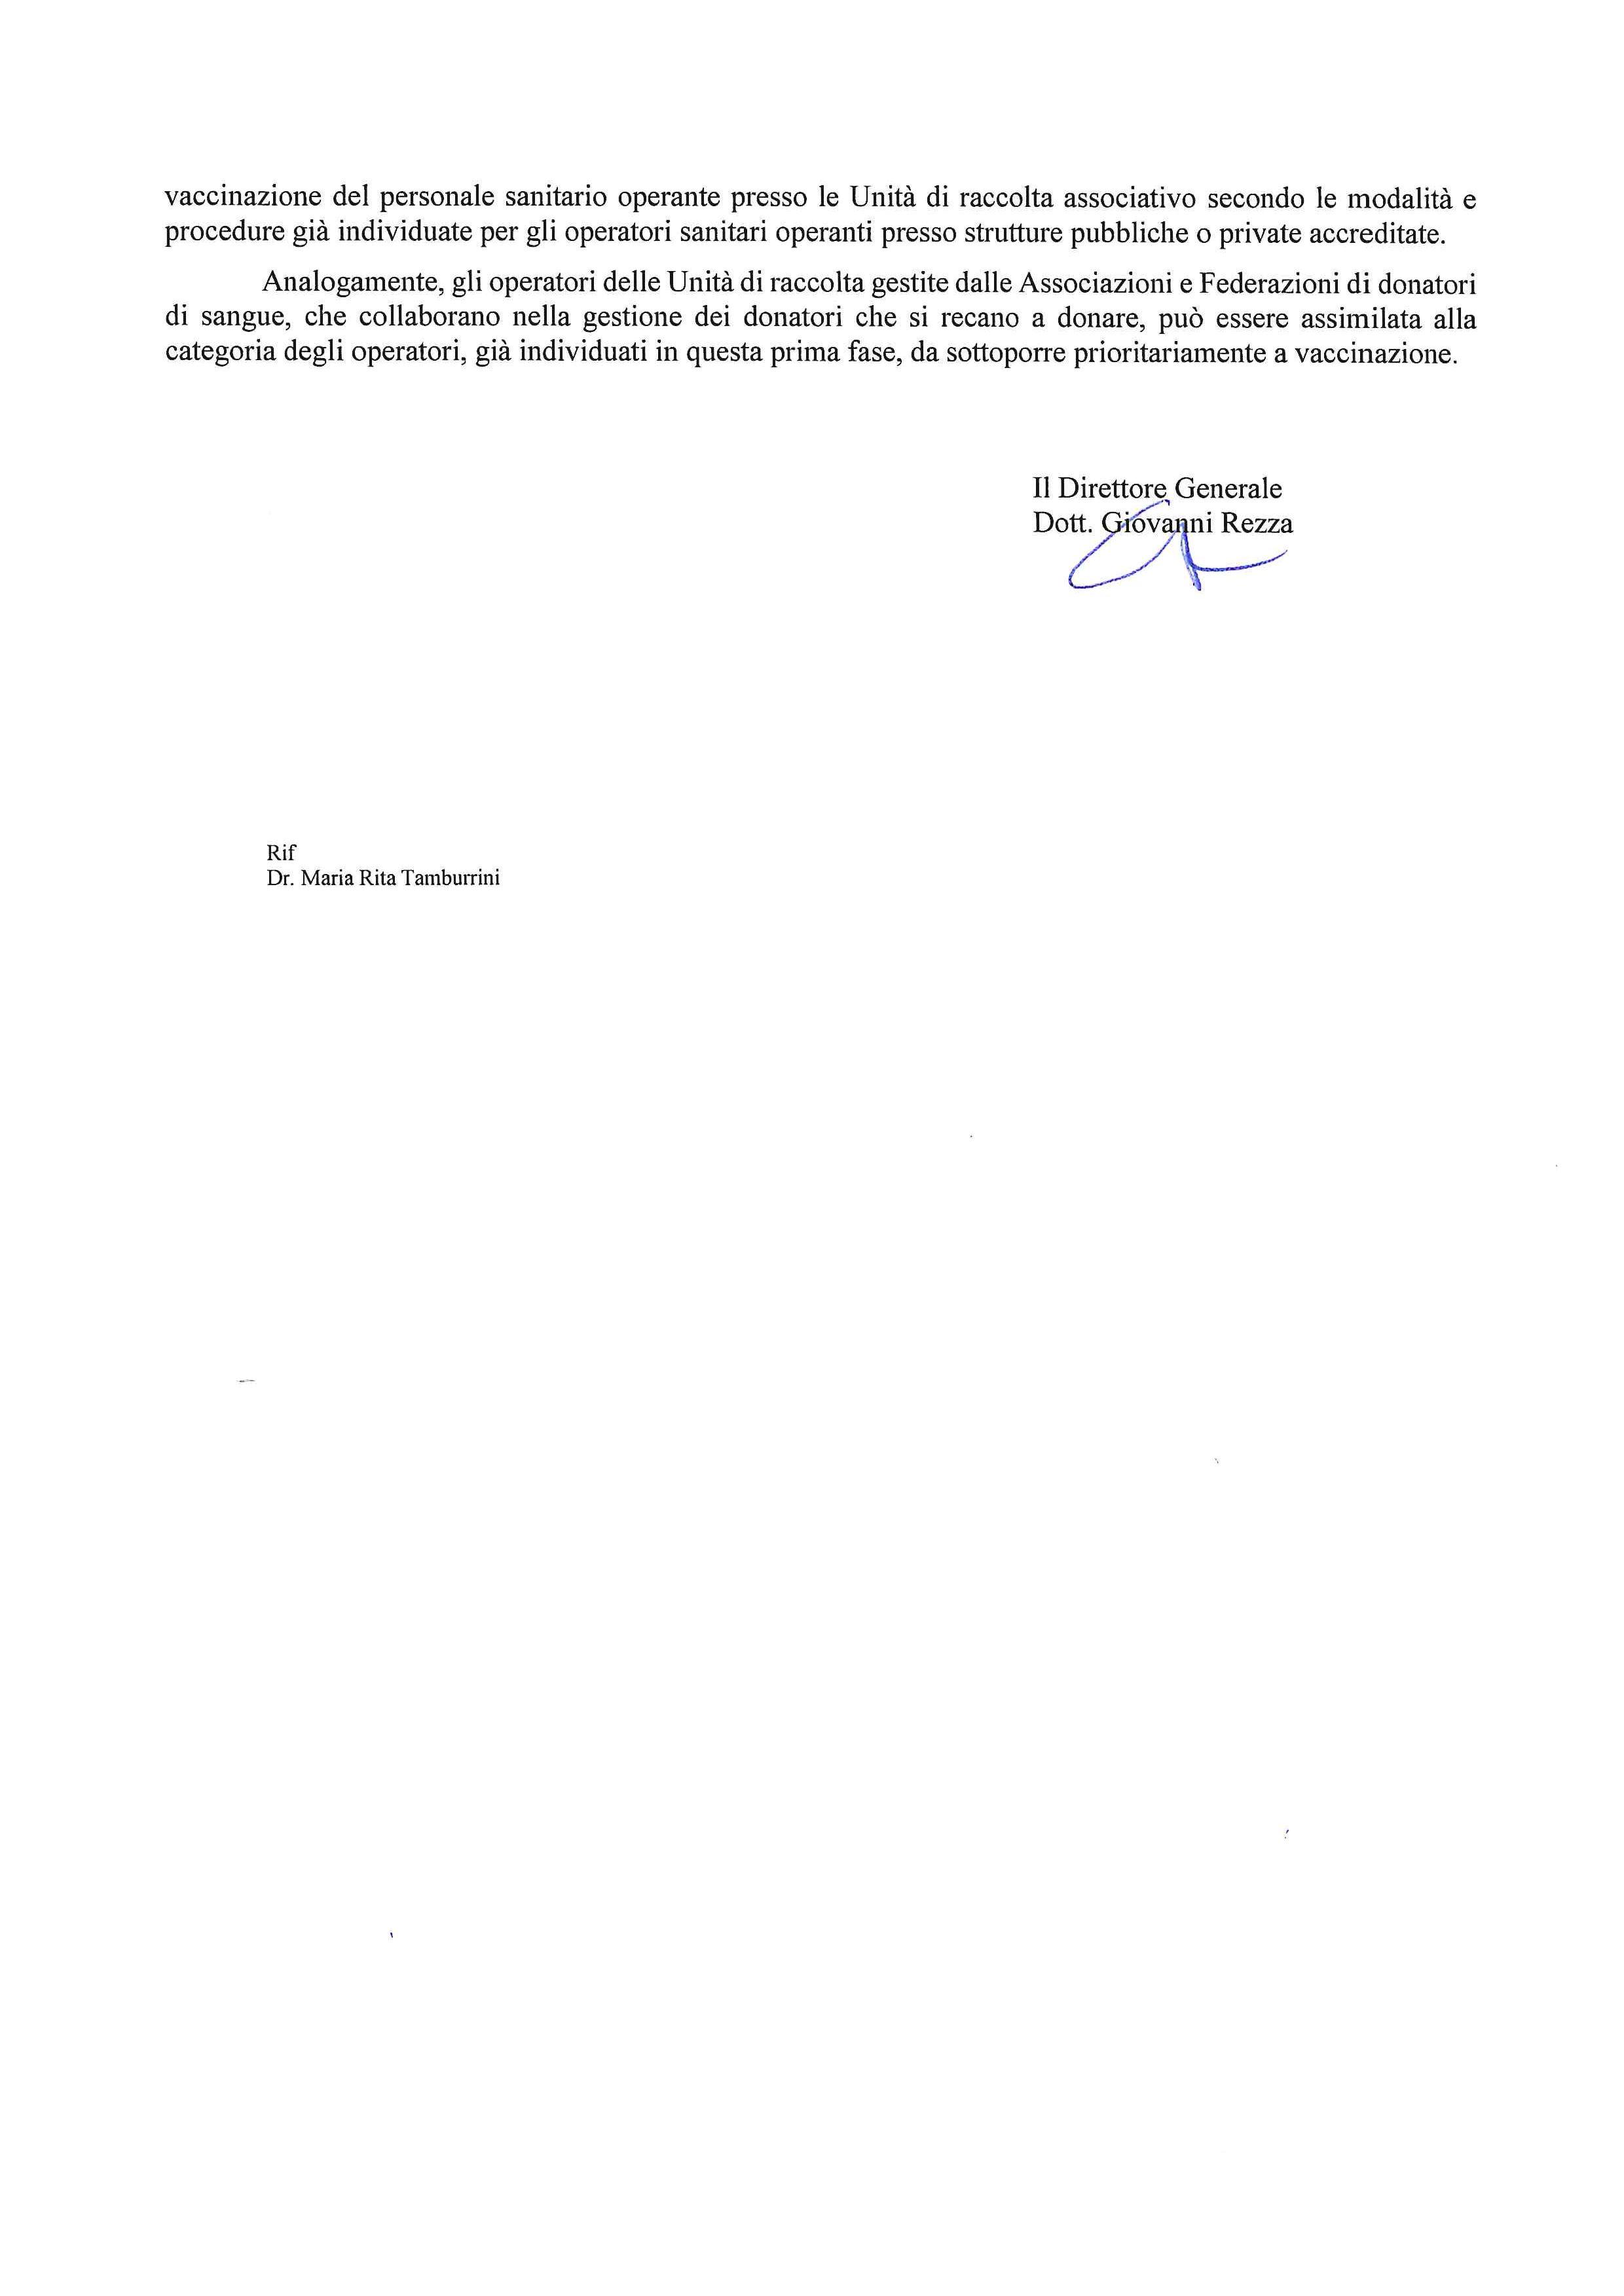 Nota Ministero della Salute 21-01-21_Pagina_2